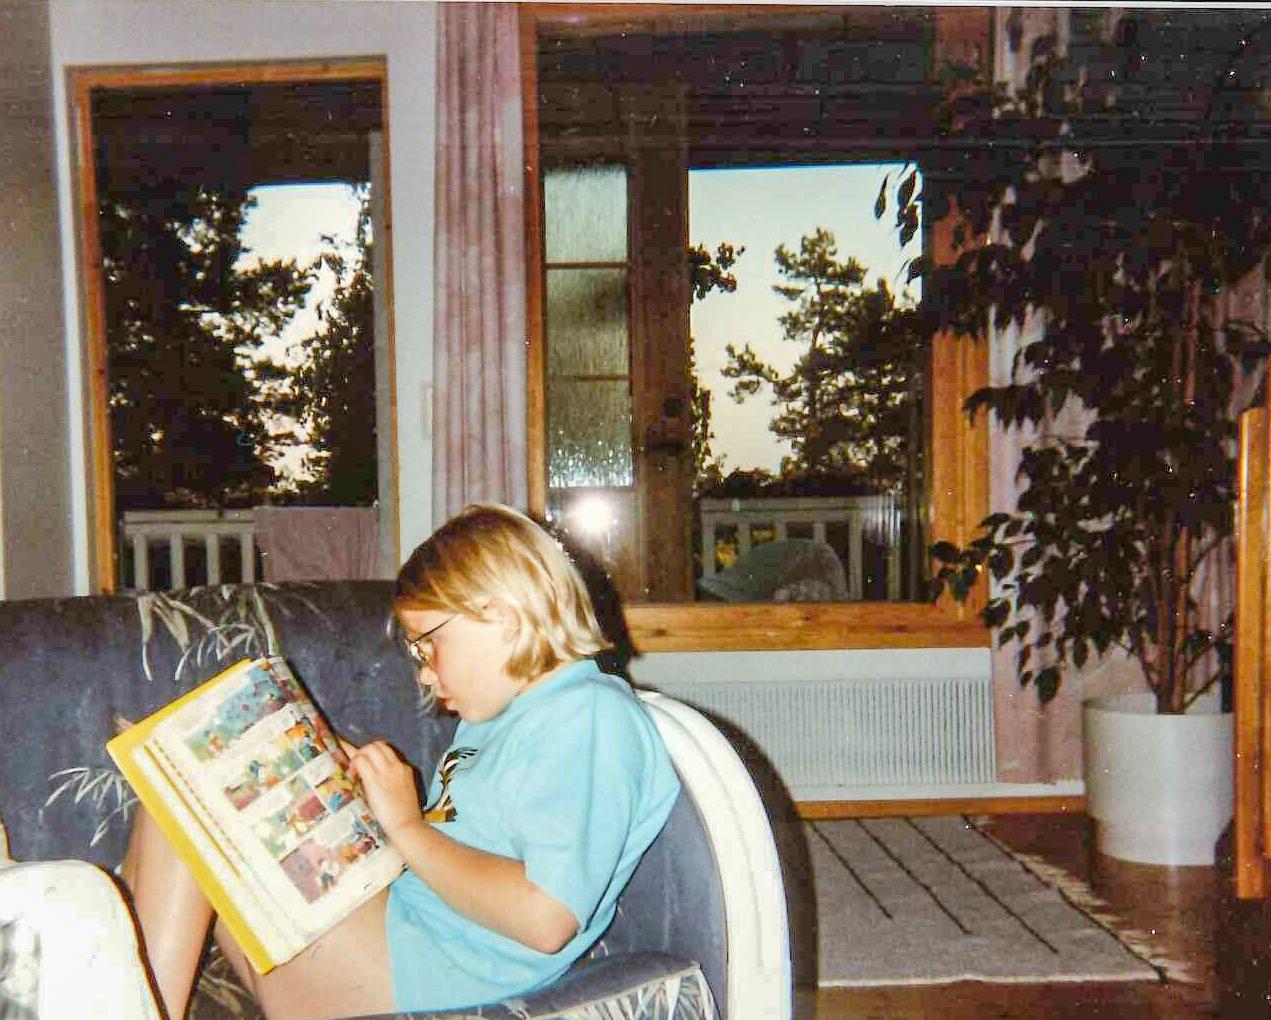 Ser ni den koncentrerade blicken? Mina föräldrar brukade säga att det var omöjligt att få kontakt med mig när jag läste. Och ja, jag hade glasögon i nåt år när jag började skolan, men sen slapp jag dem. Tills nudå.